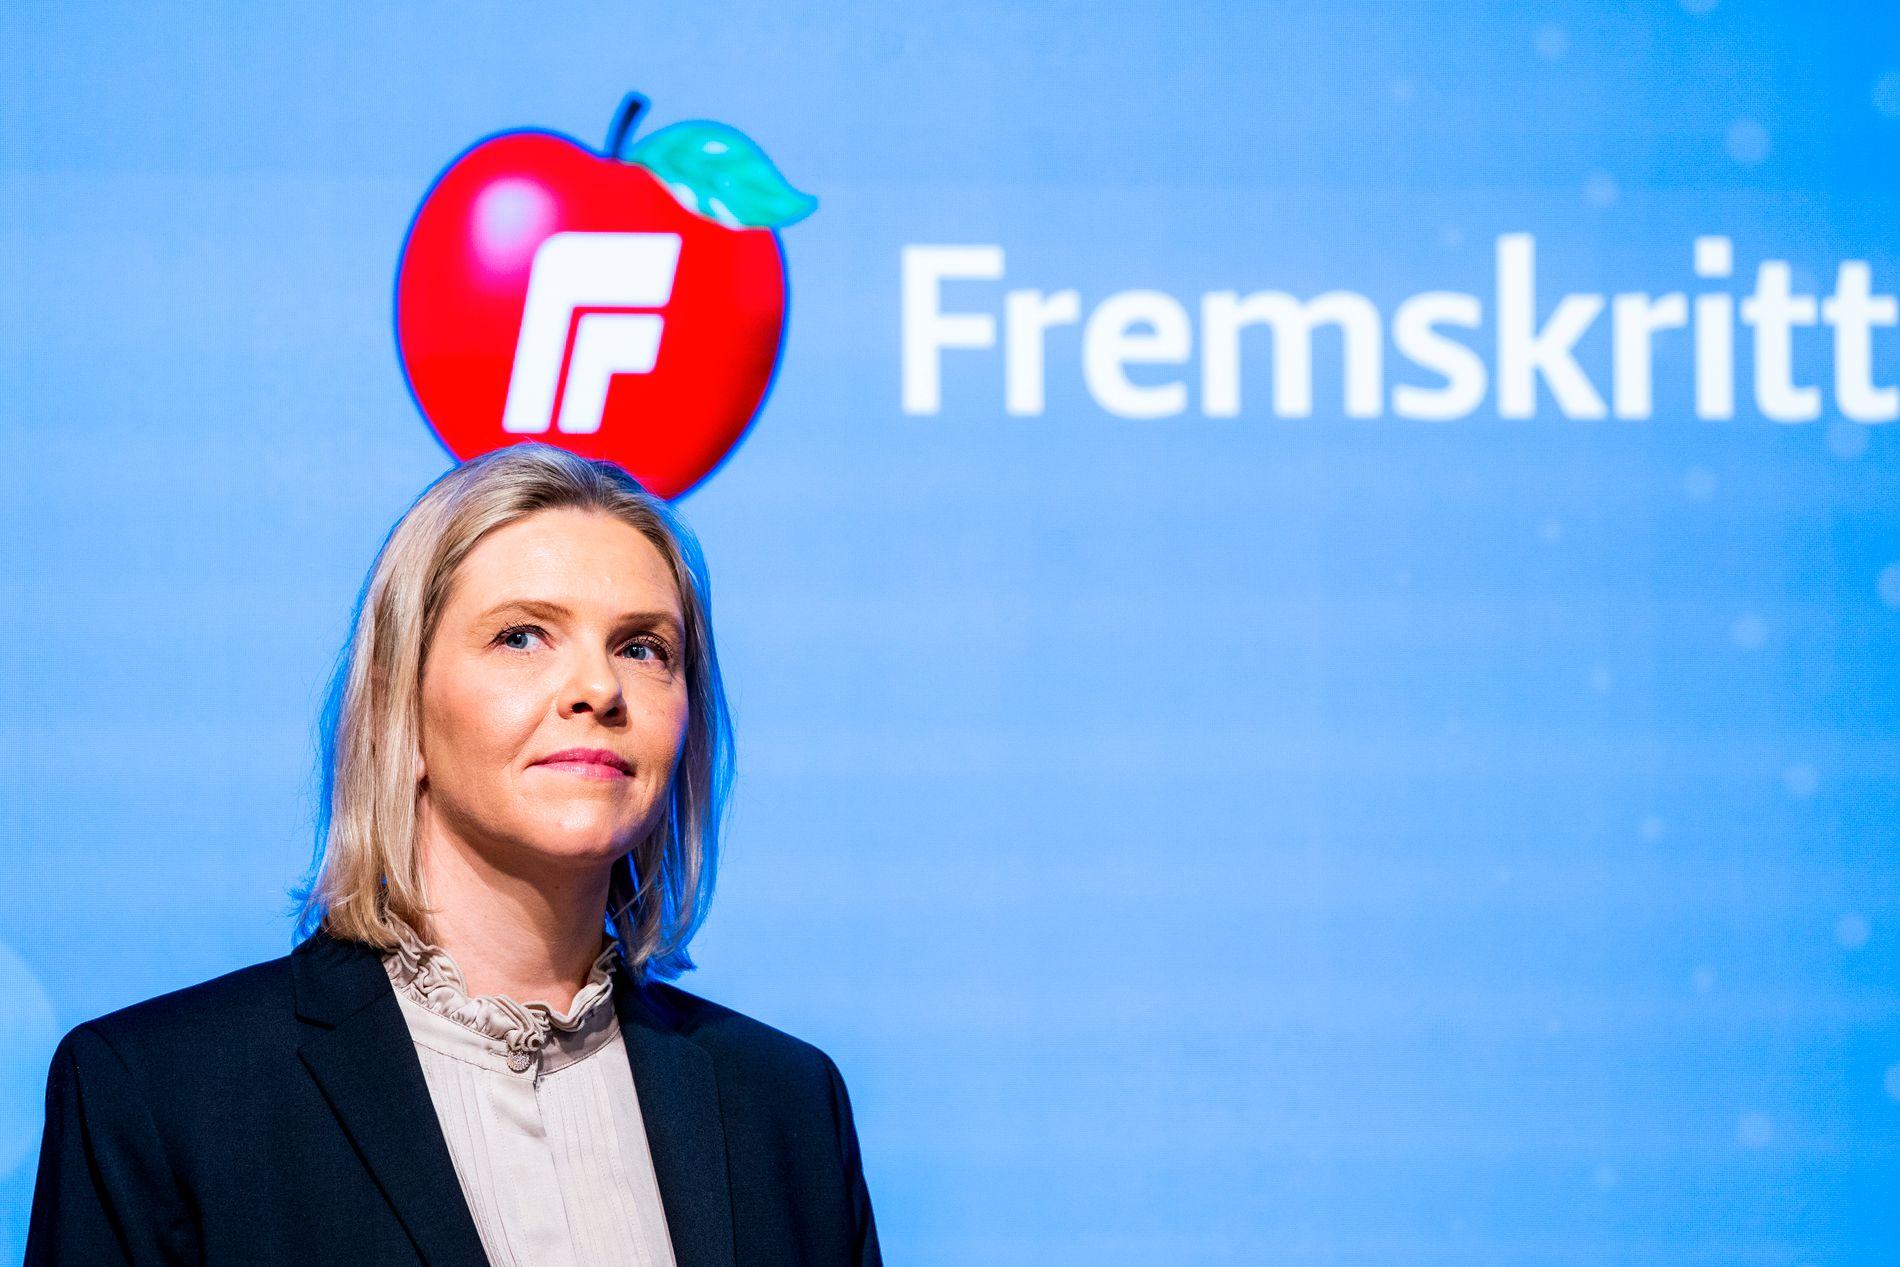 – Det er uverdig for norsk politisk debatt at Frp skal måtte ta avstand frå nazistar